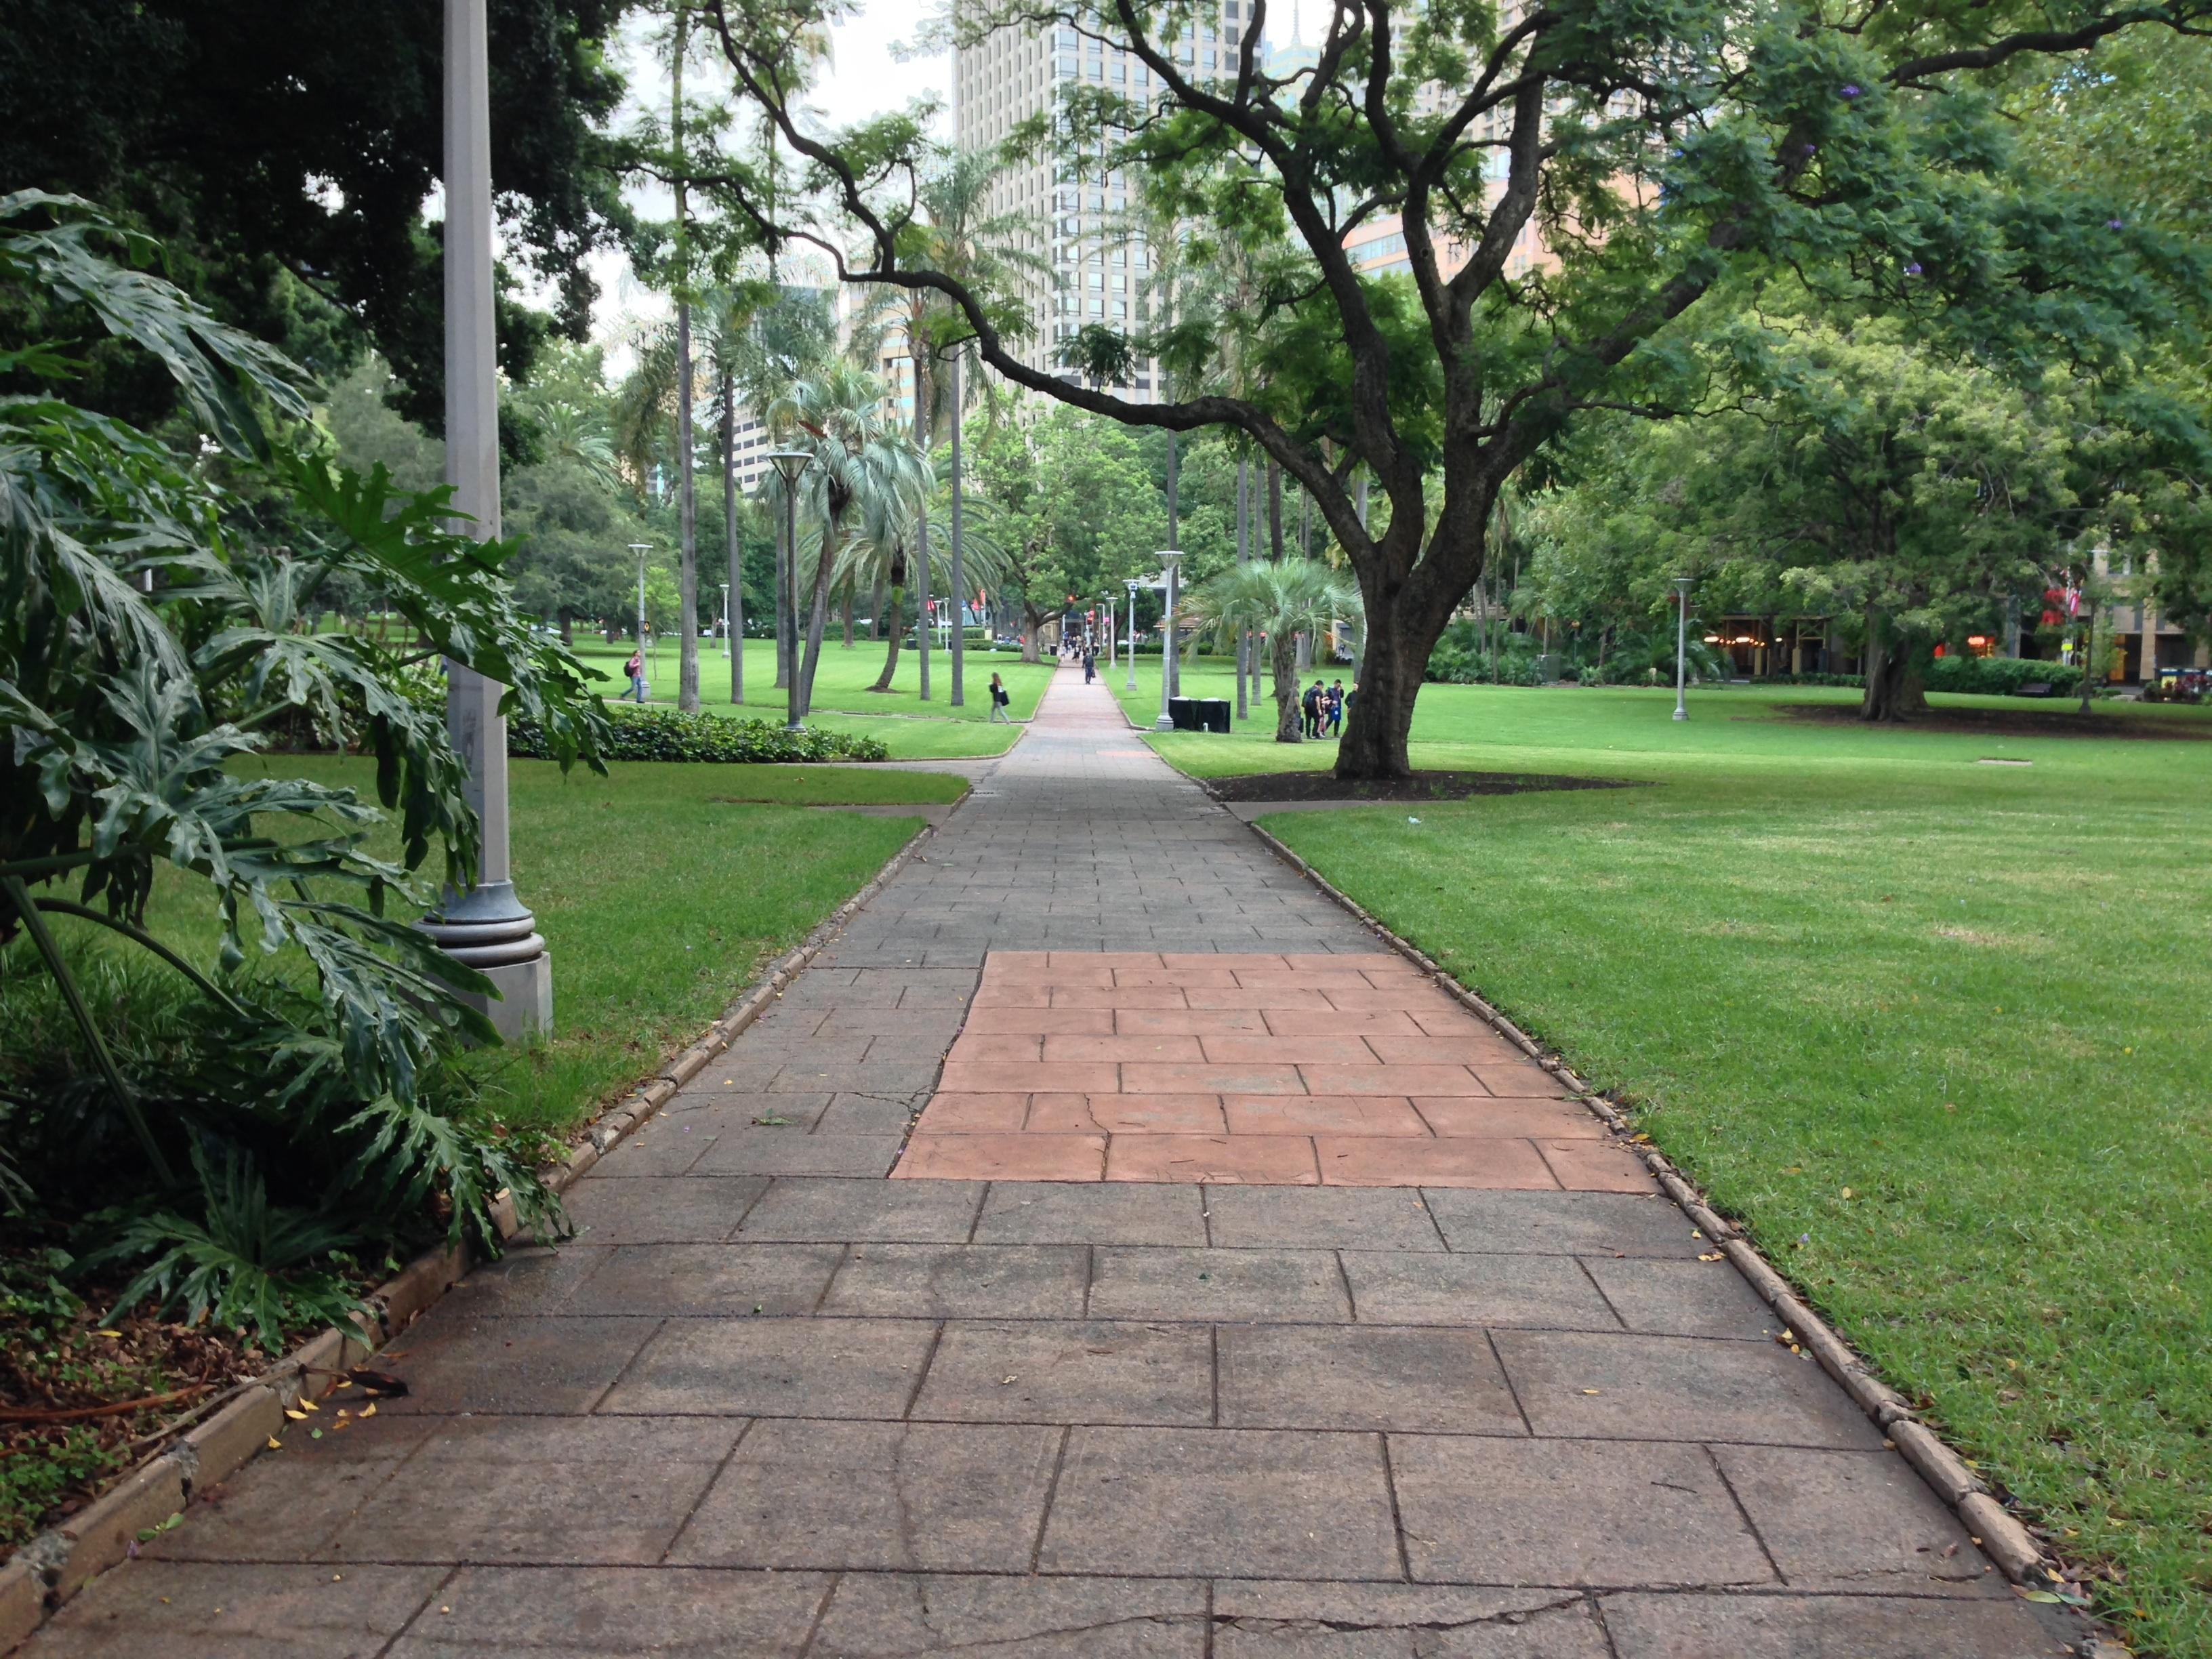 Paesaggista latest giardino natura cortile albero fiore cortile prato botanica arbusto giardino - Architetto arreda ...